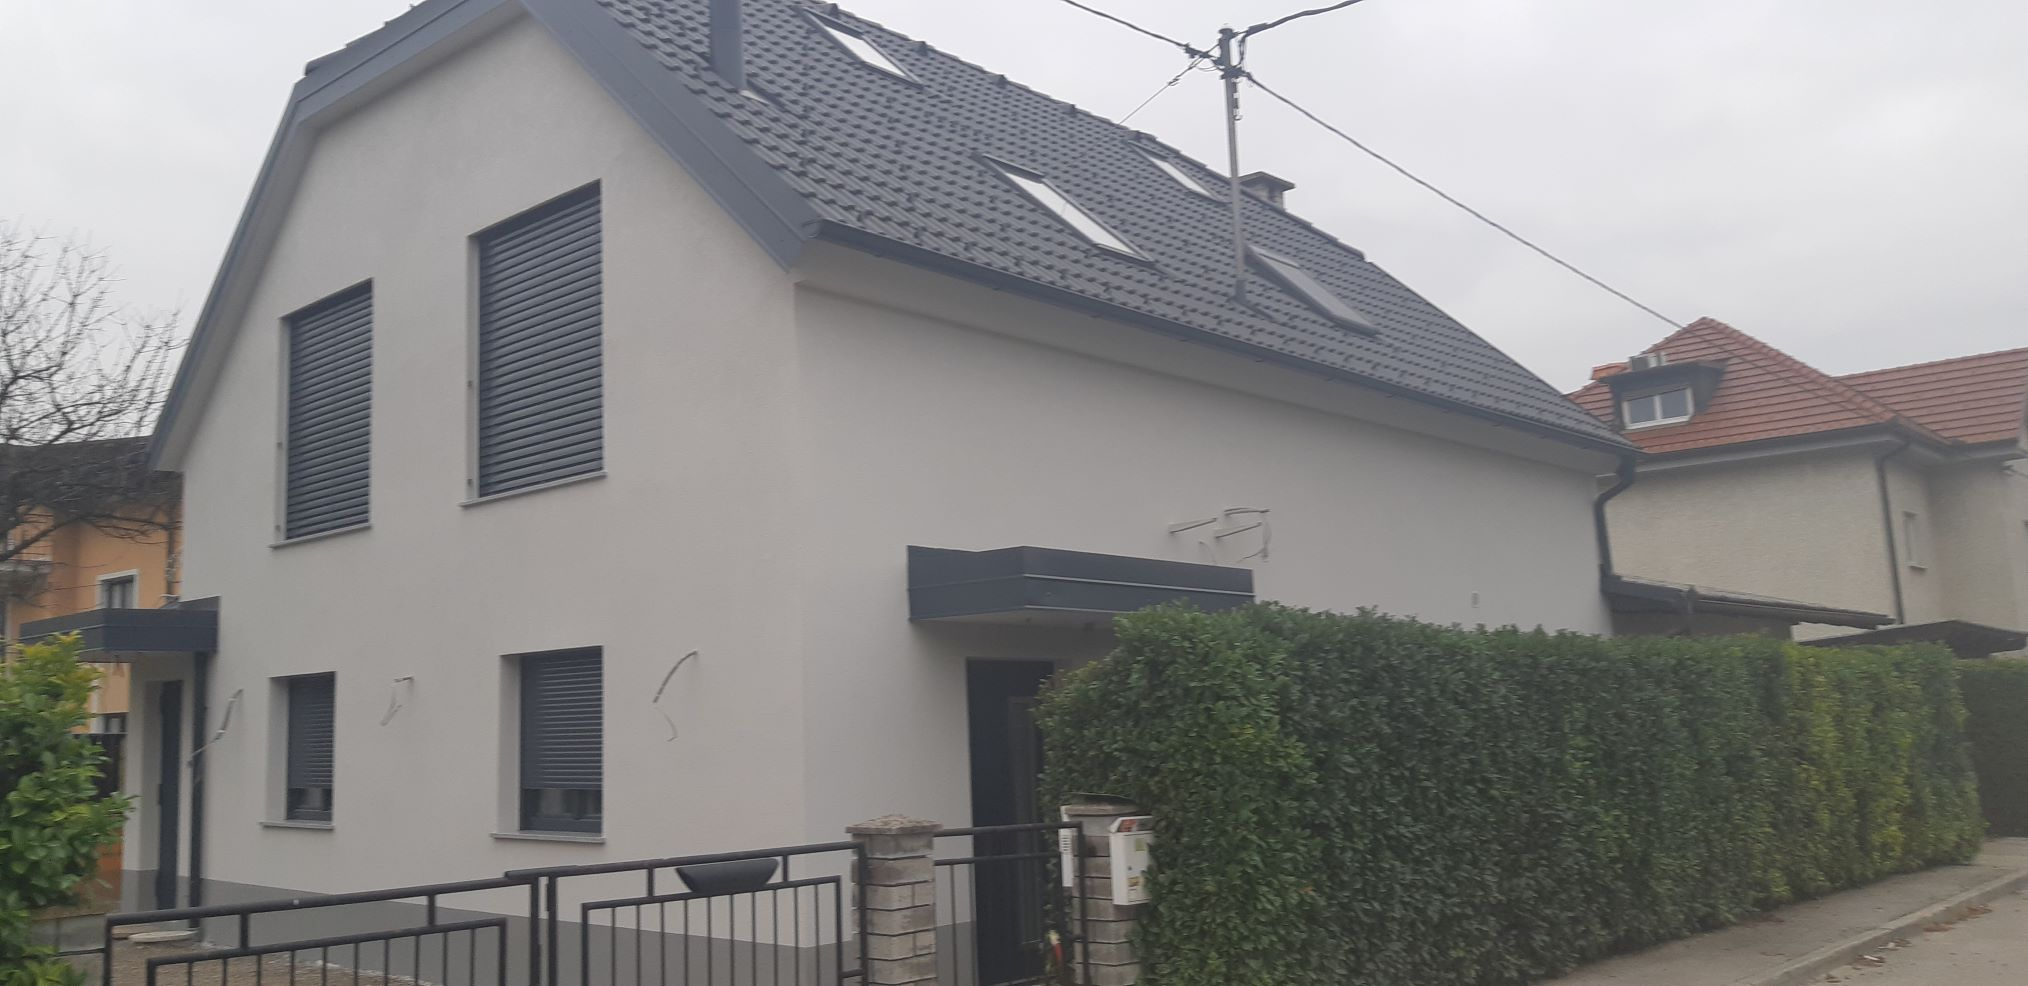 Obnova fasade v Ljubljani z sr